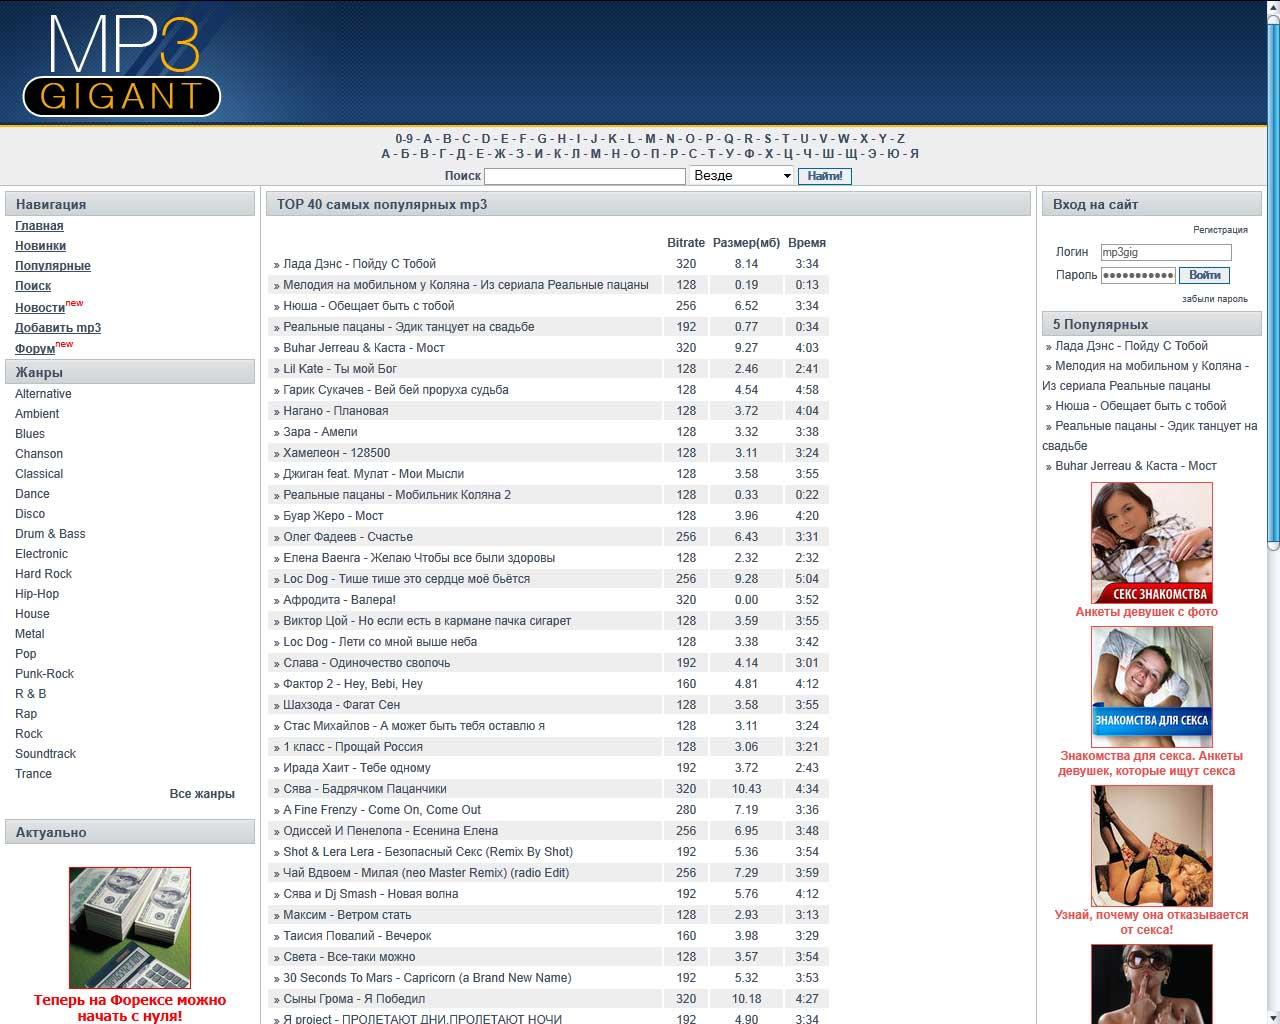 Сайт для музыкального портала Mp3Gigant.net